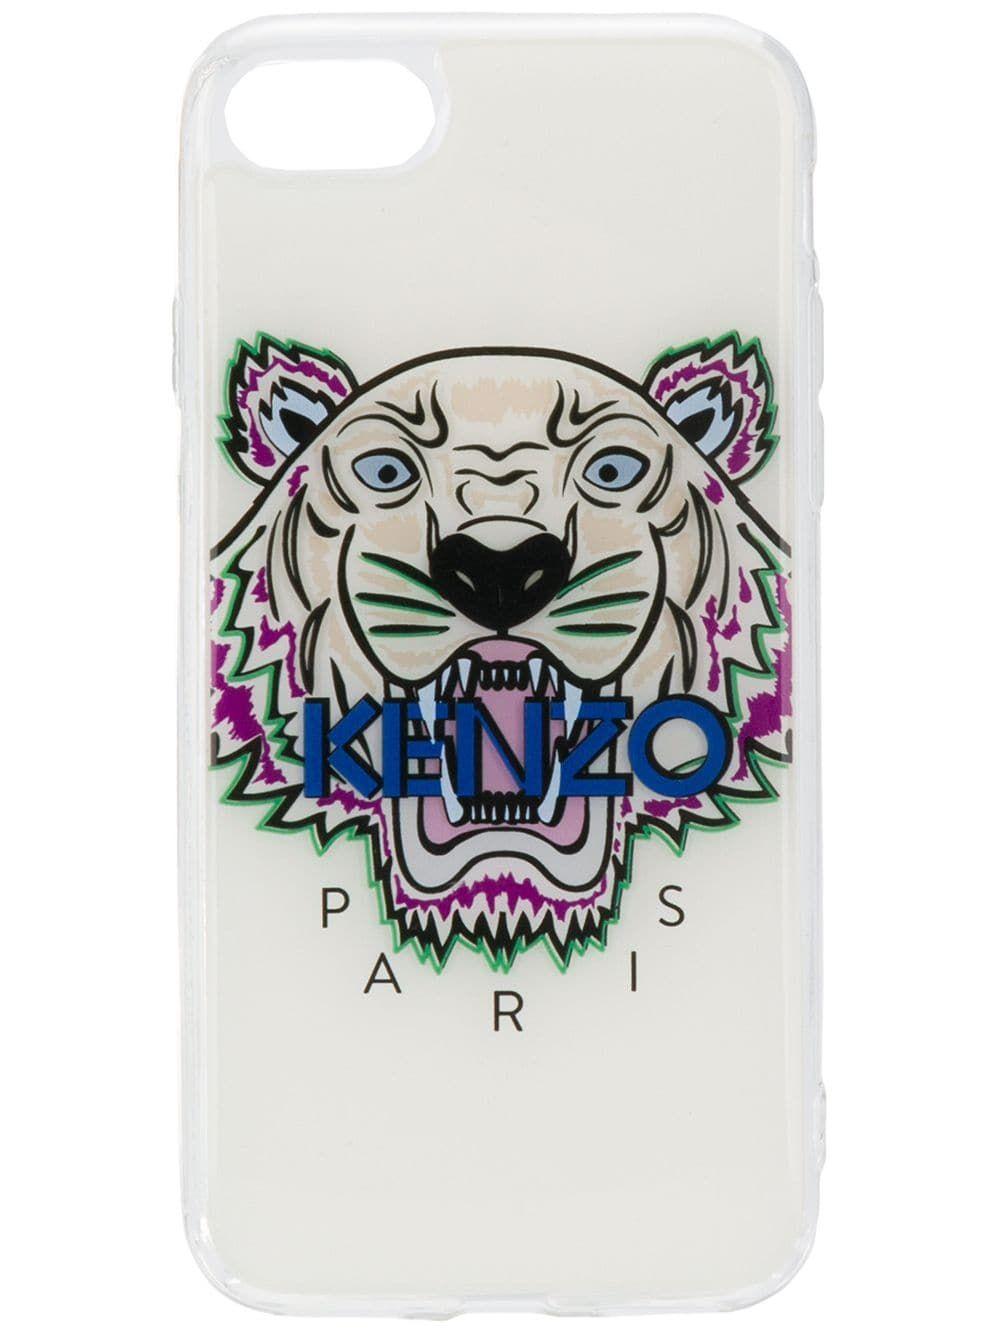 Kenzo 'Tiger' iPhone 6 Plus case Unisex